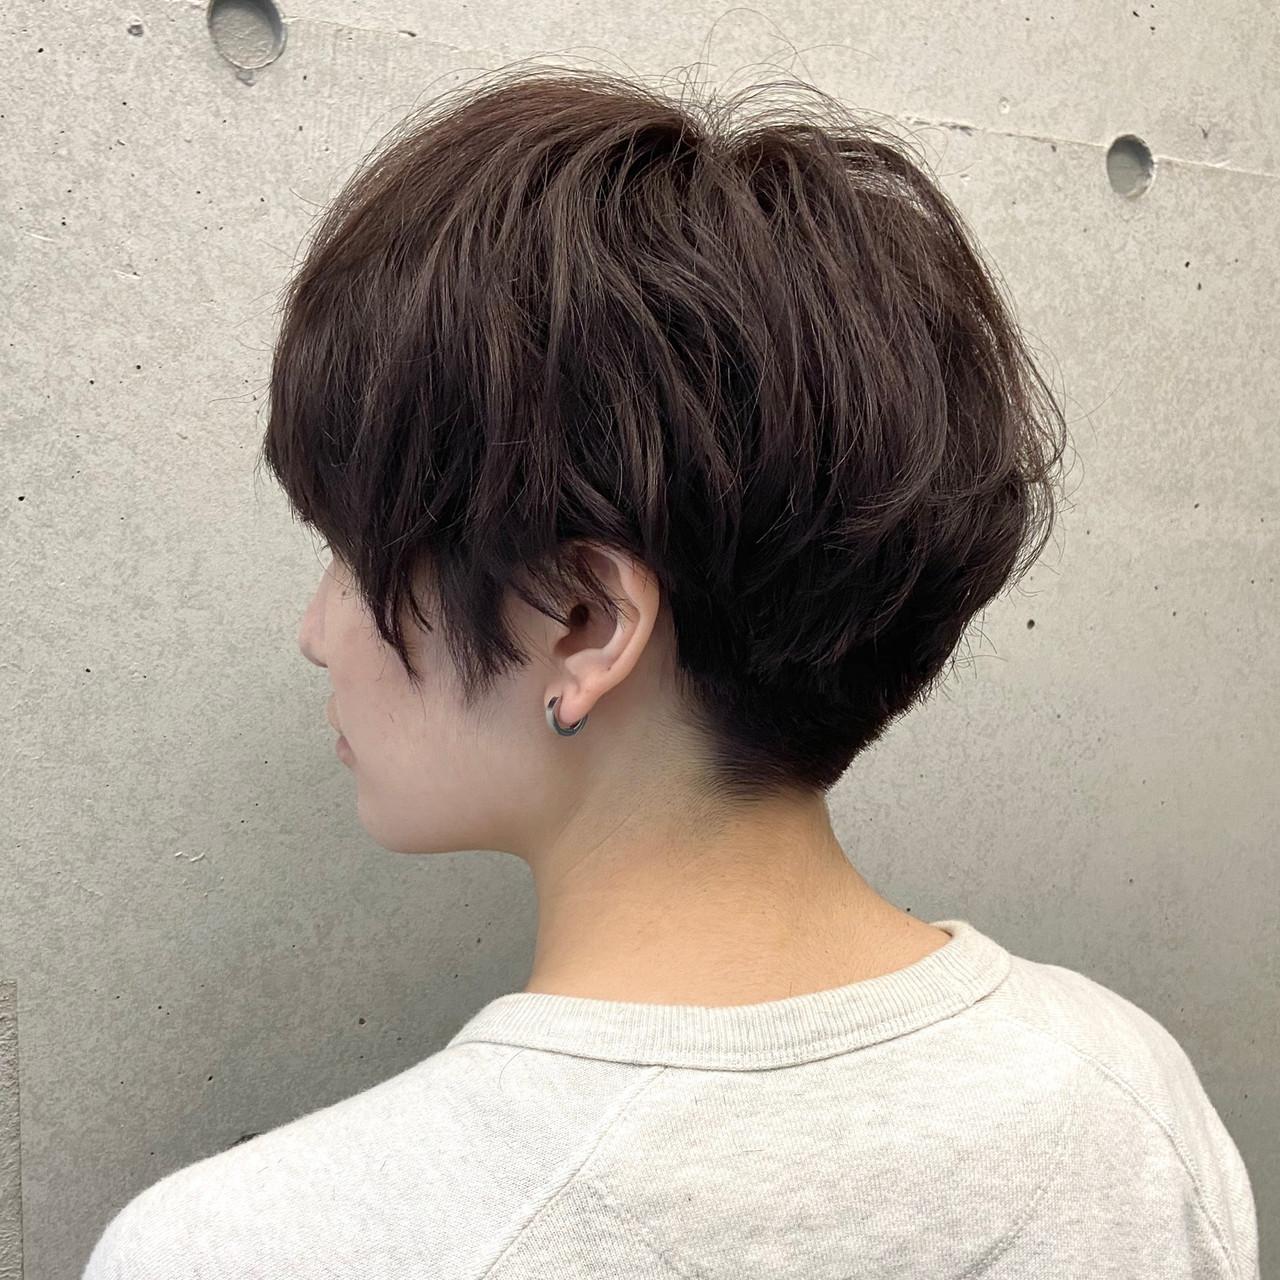 パーマ ベリーショート ジェンダーレス 刈り上げショート ヘアスタイルや髪型の写真・画像